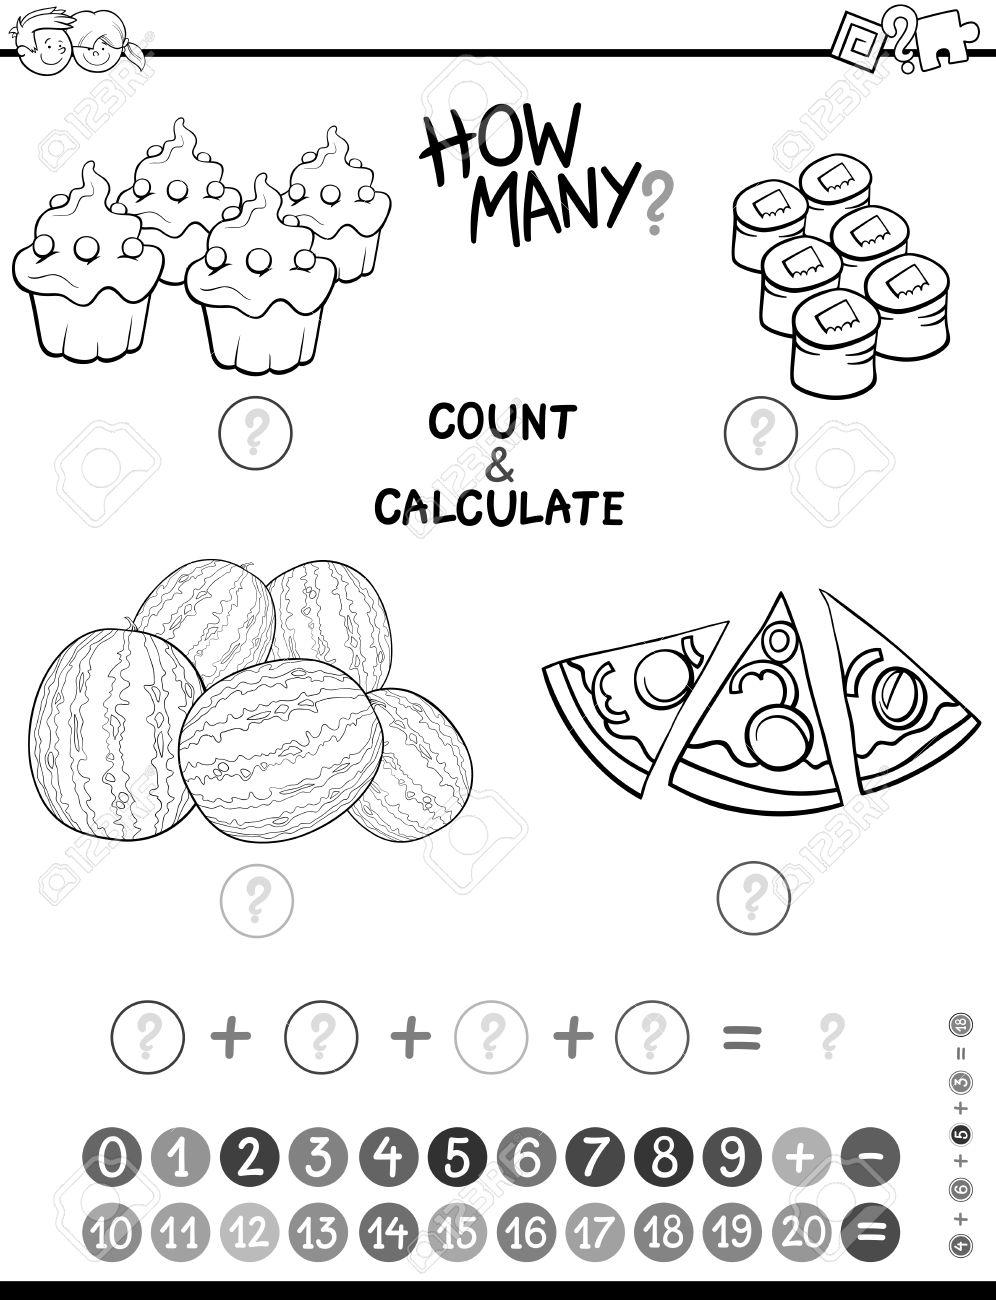 Ilustración De Dibujos Animados En Blanco Y Negro De La Educación Matemática Contar Y Adición De Actividades Para Niños En Edad Preescolar Para